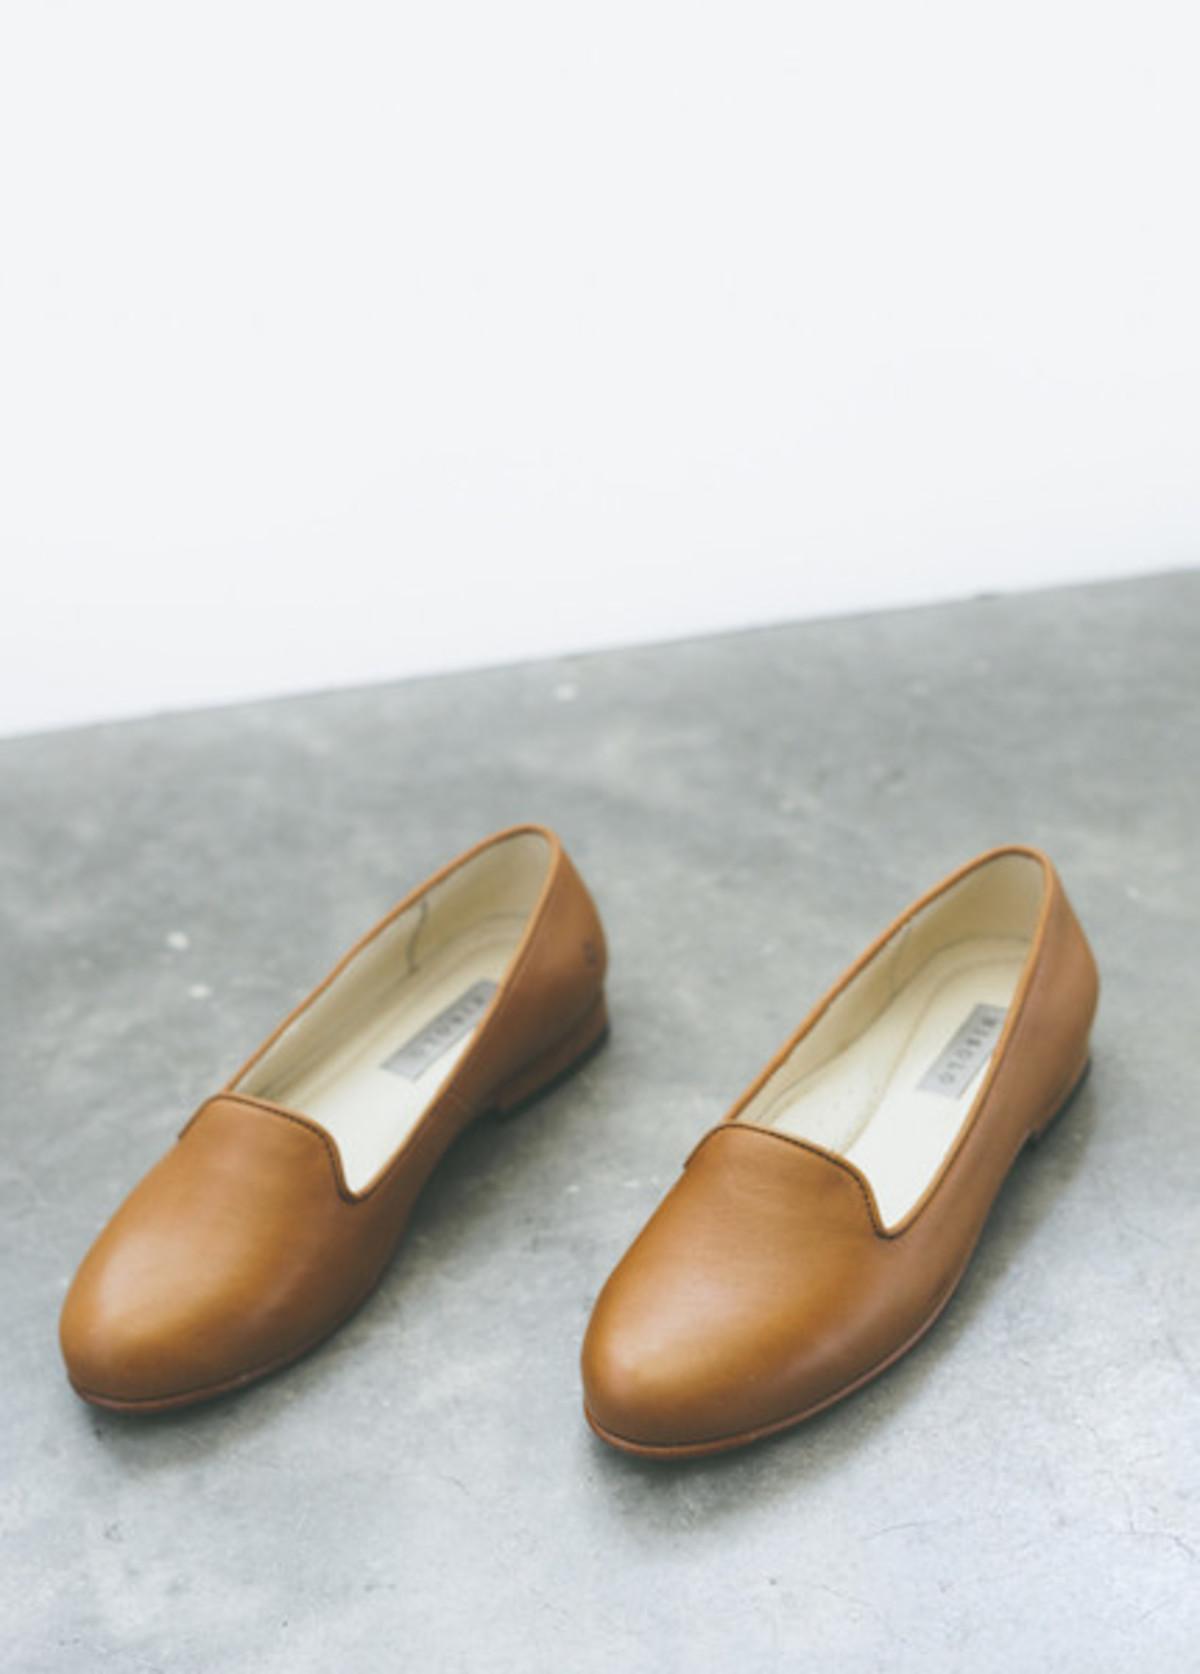 Crane S Leather Shoe Shop